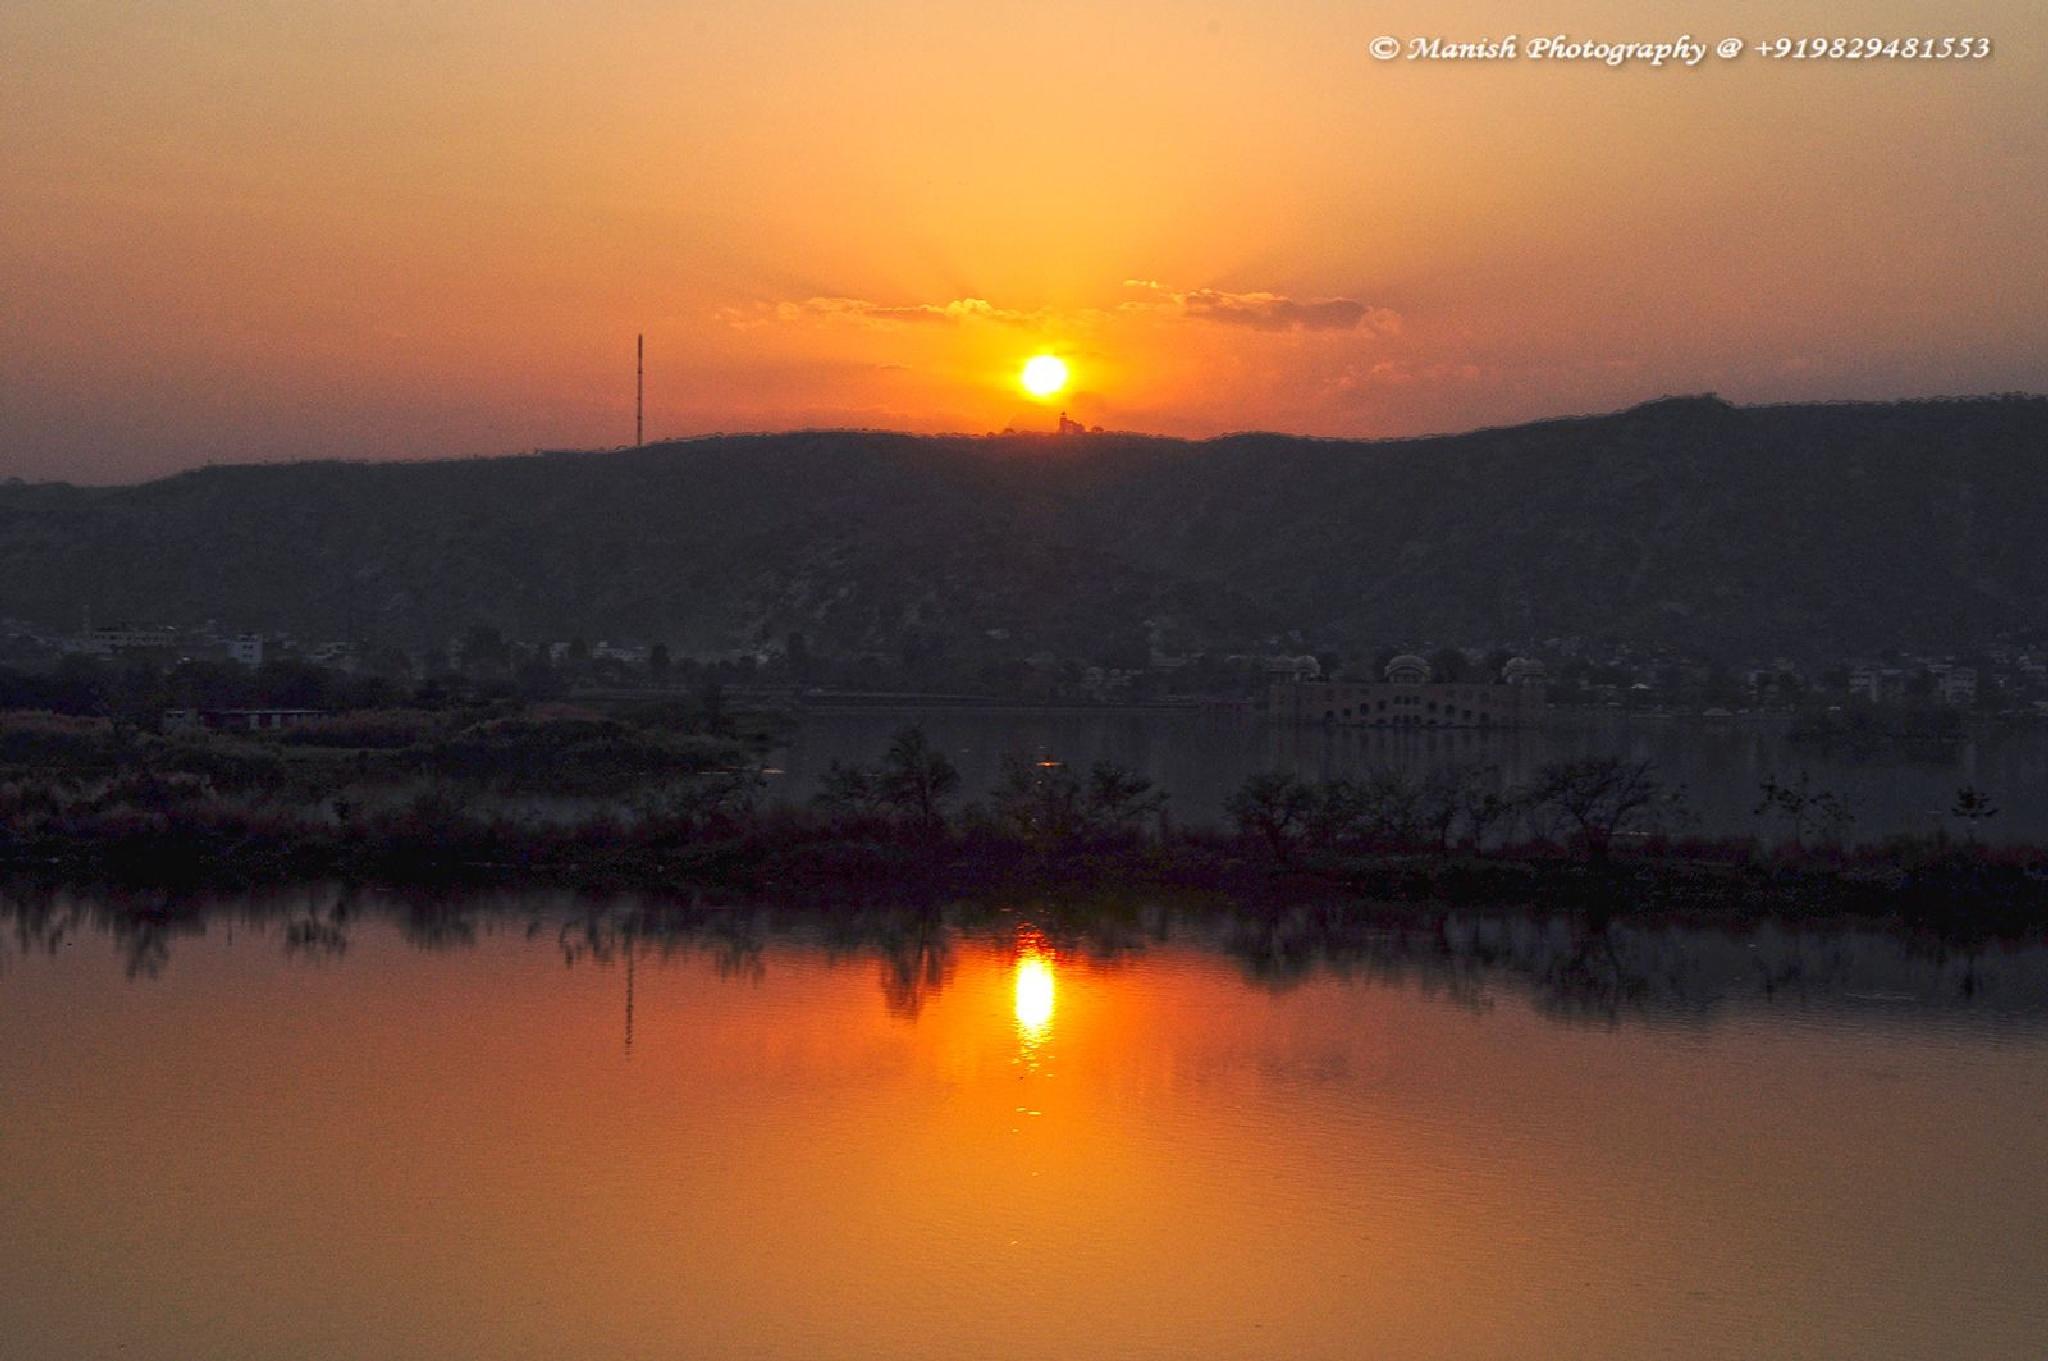 Sunset at Man Sagar Lake, Jaipur, India by Maneesh Sharma